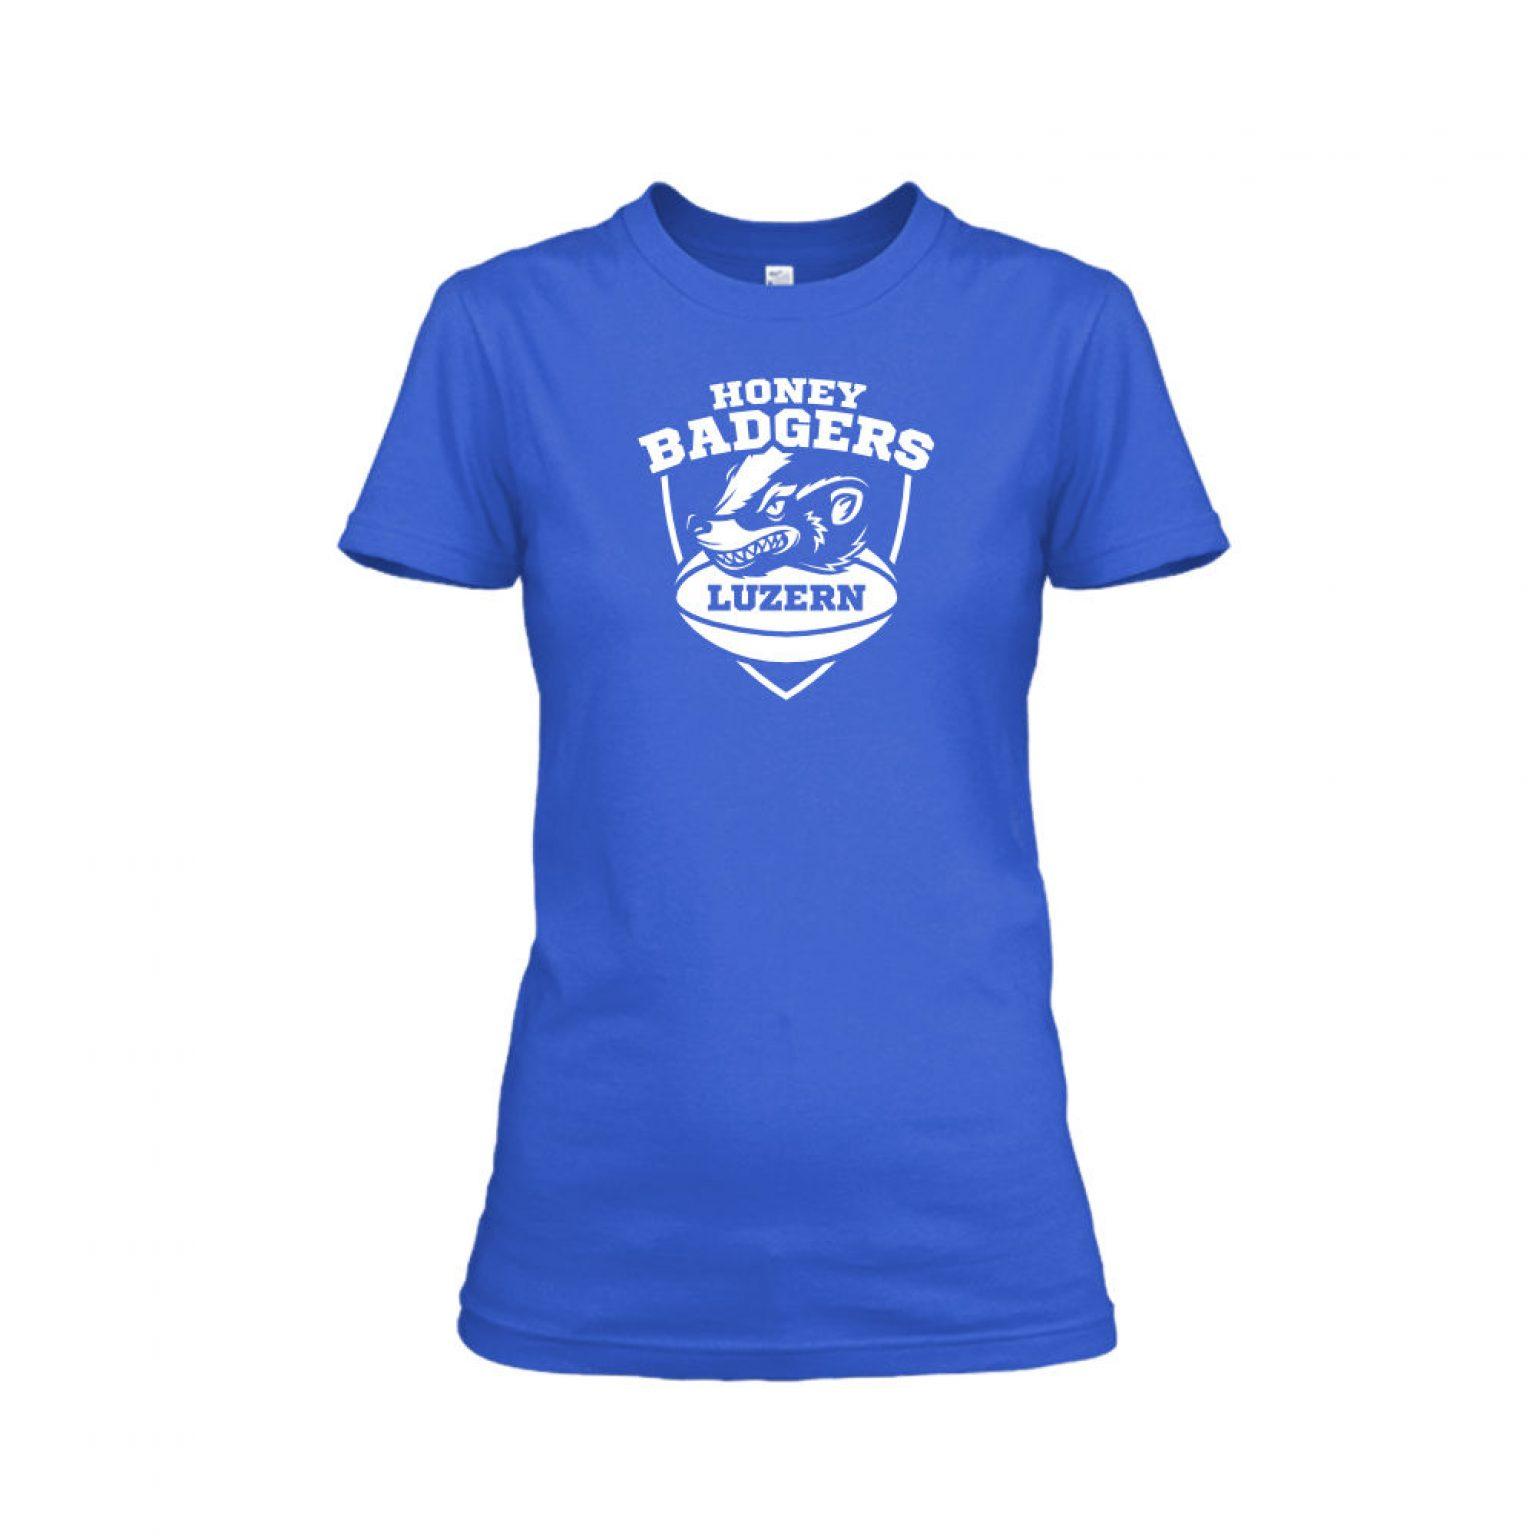 honeybadgerV2 shirt damen blue front